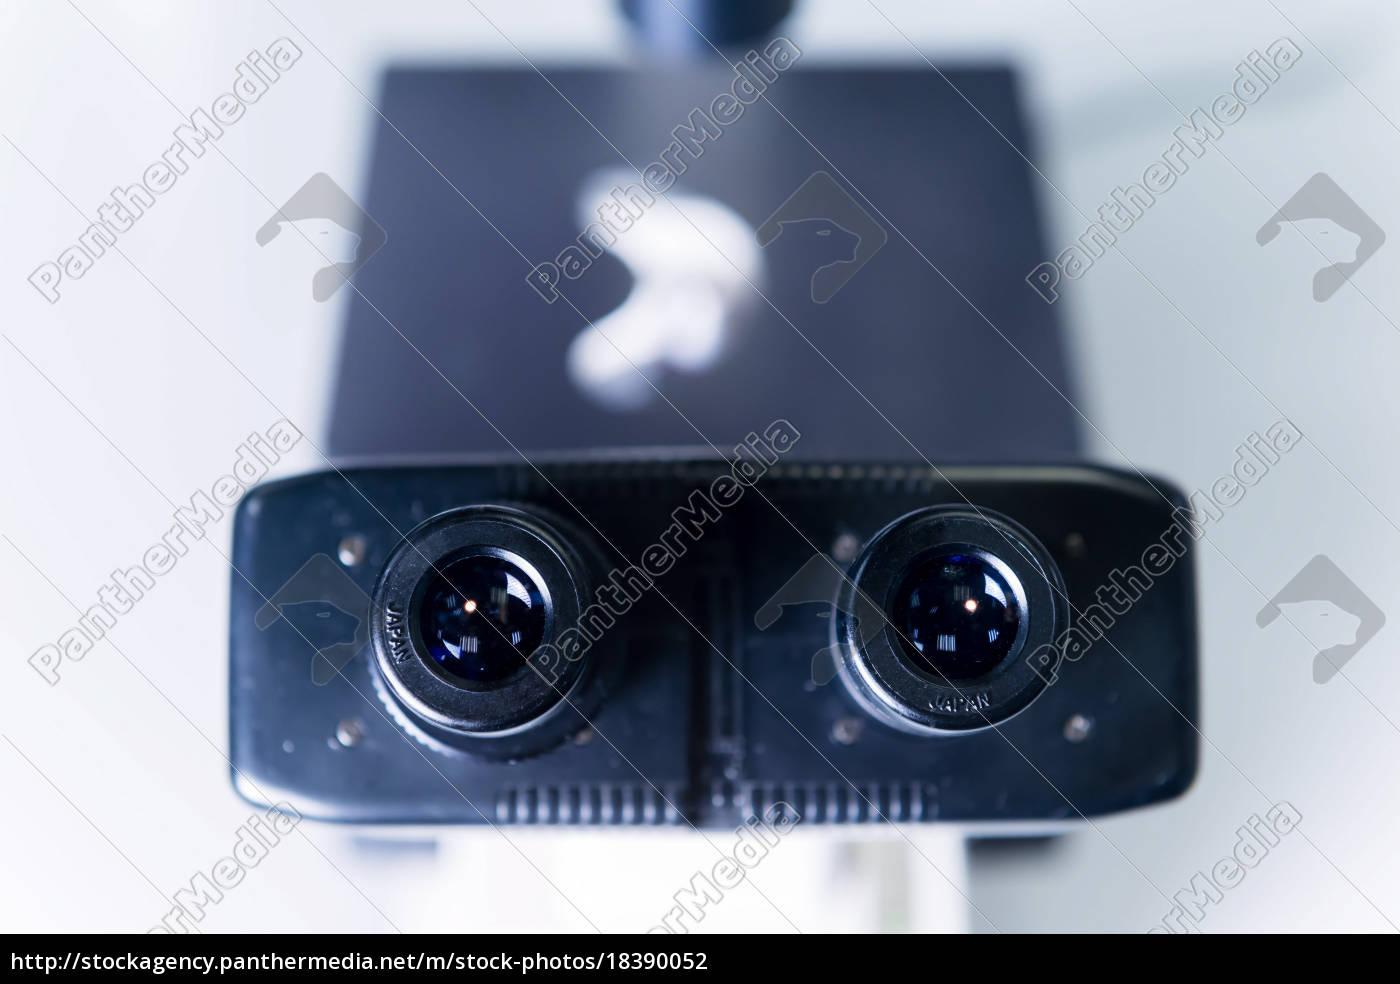 krebsforschungslabor, mikroskop - 18390052